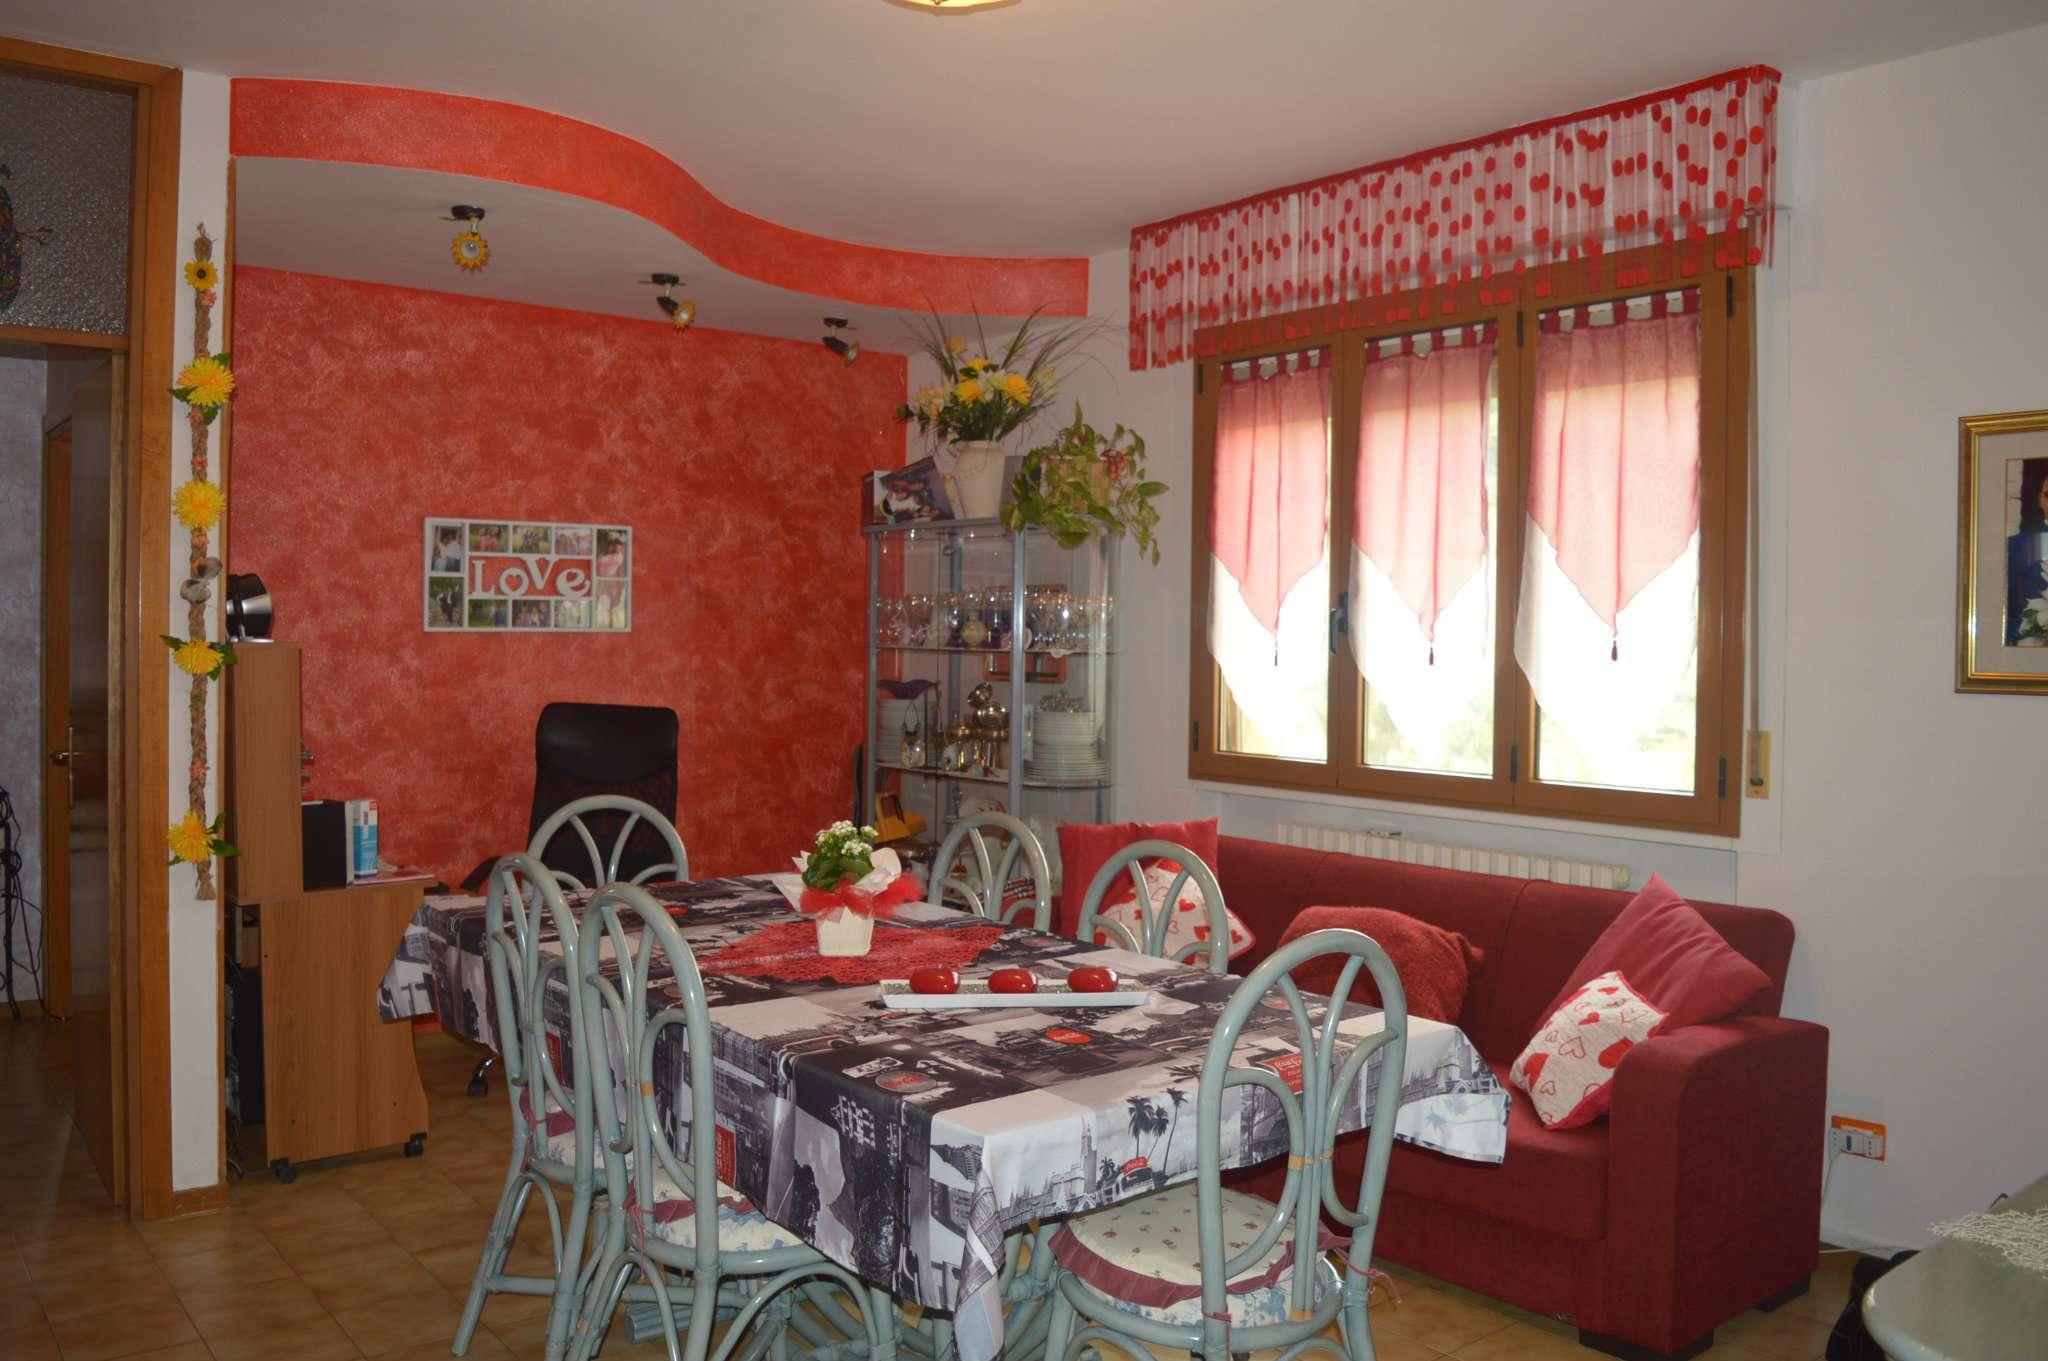 Appartamento in vendita a Tavullia, 4 locali, prezzo € 130.000 | CambioCasa.it